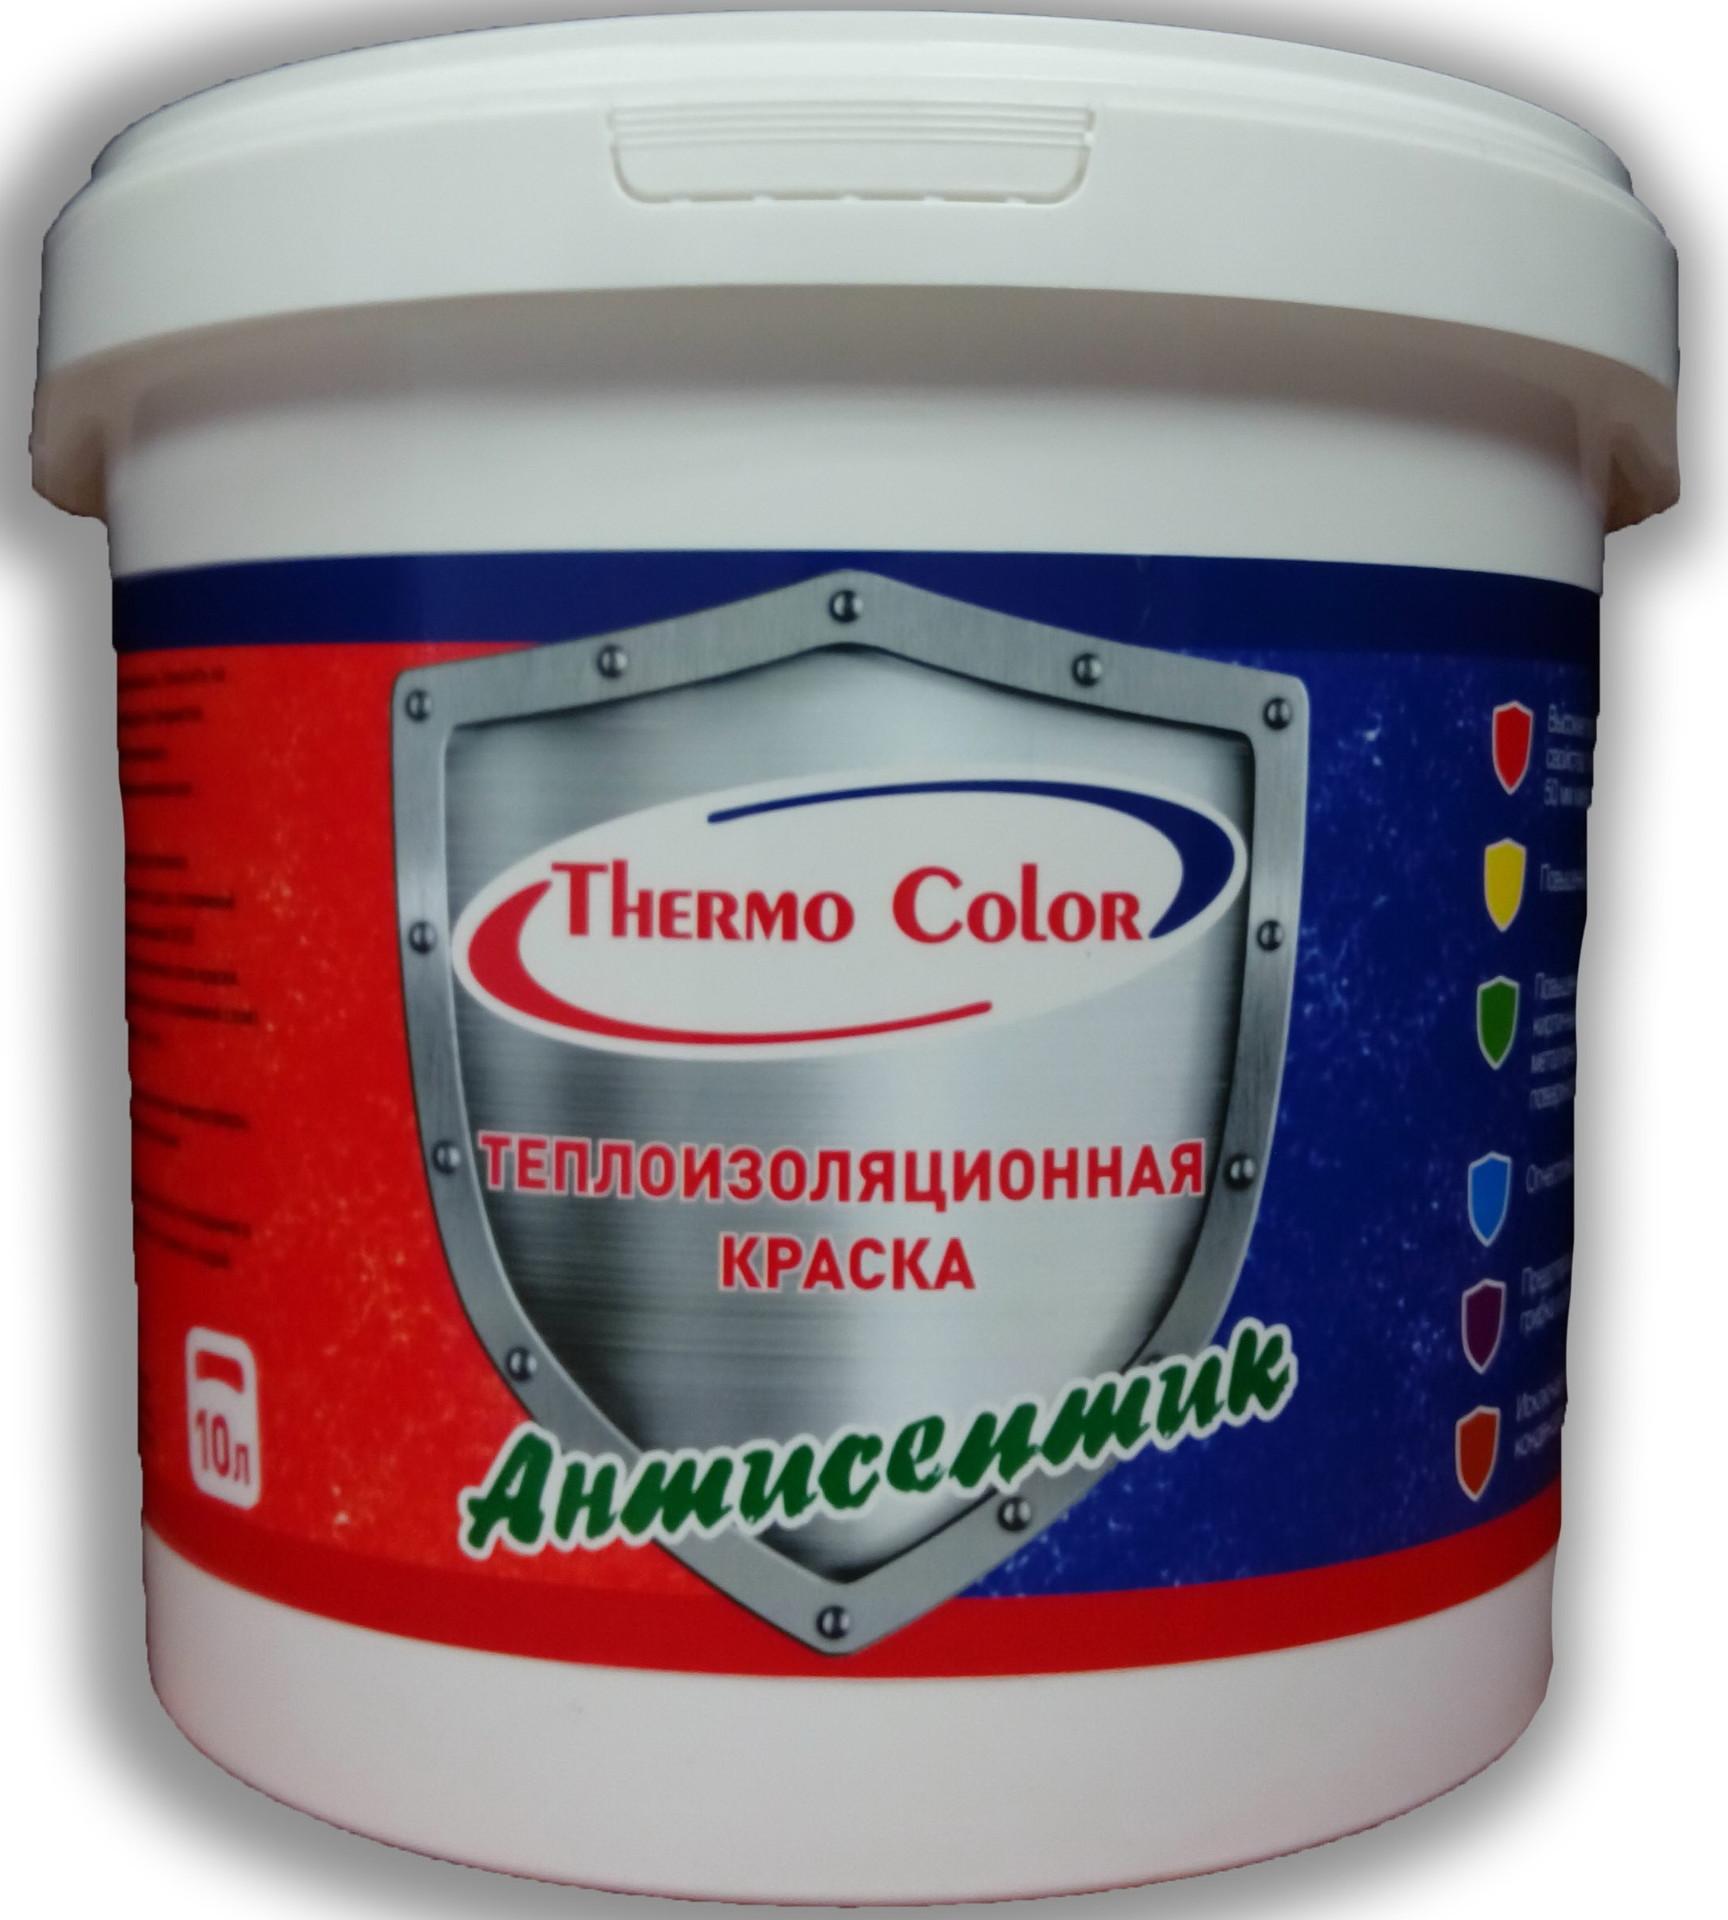 Жидкая теплоизоляция для внутренних работ в перми двухкомпонентный полиуретановый паркетный клей pu-2010